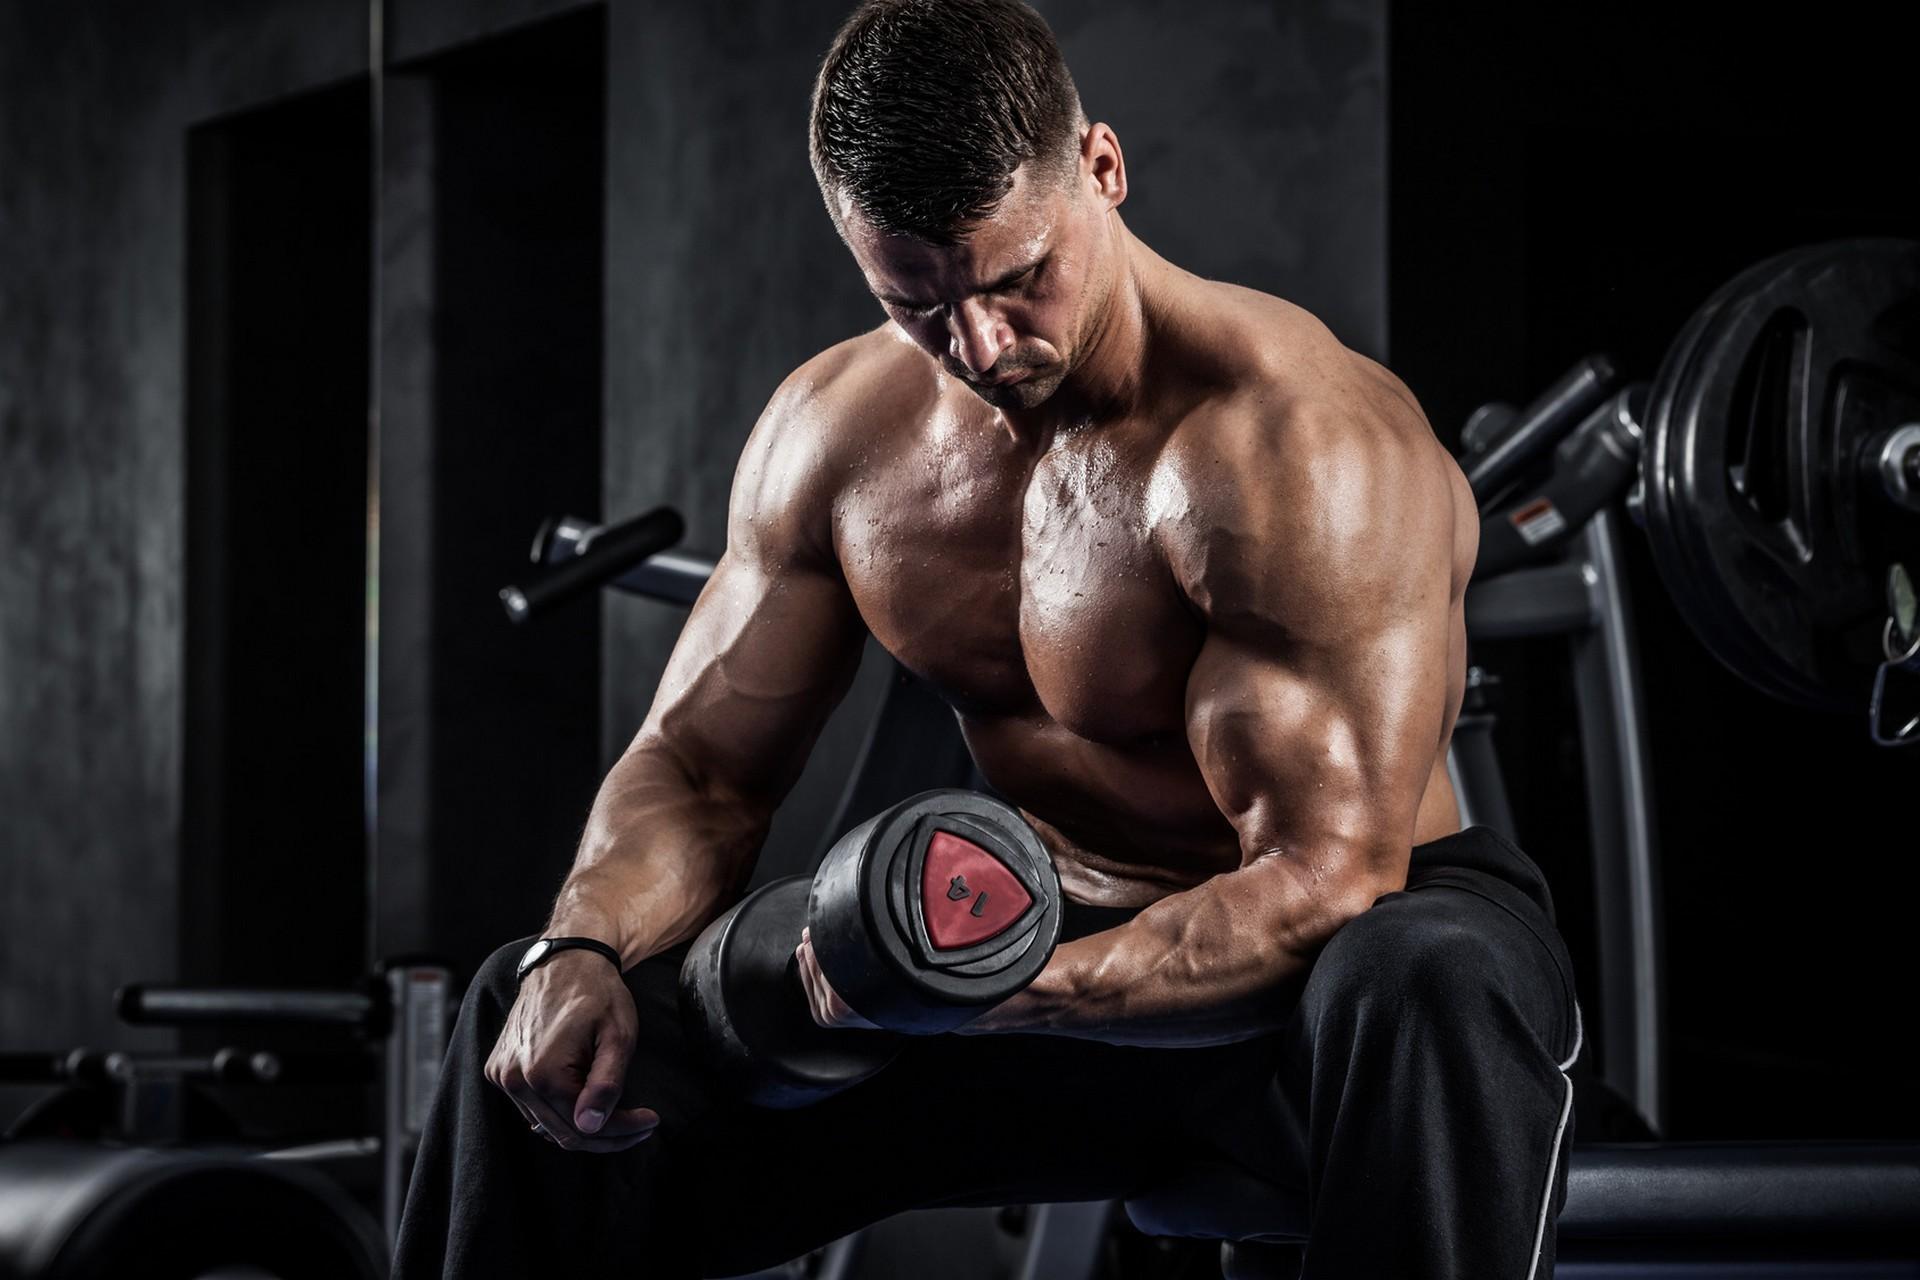 бодибилдинг фото мужчины упражнения деятельность начинающего артиста